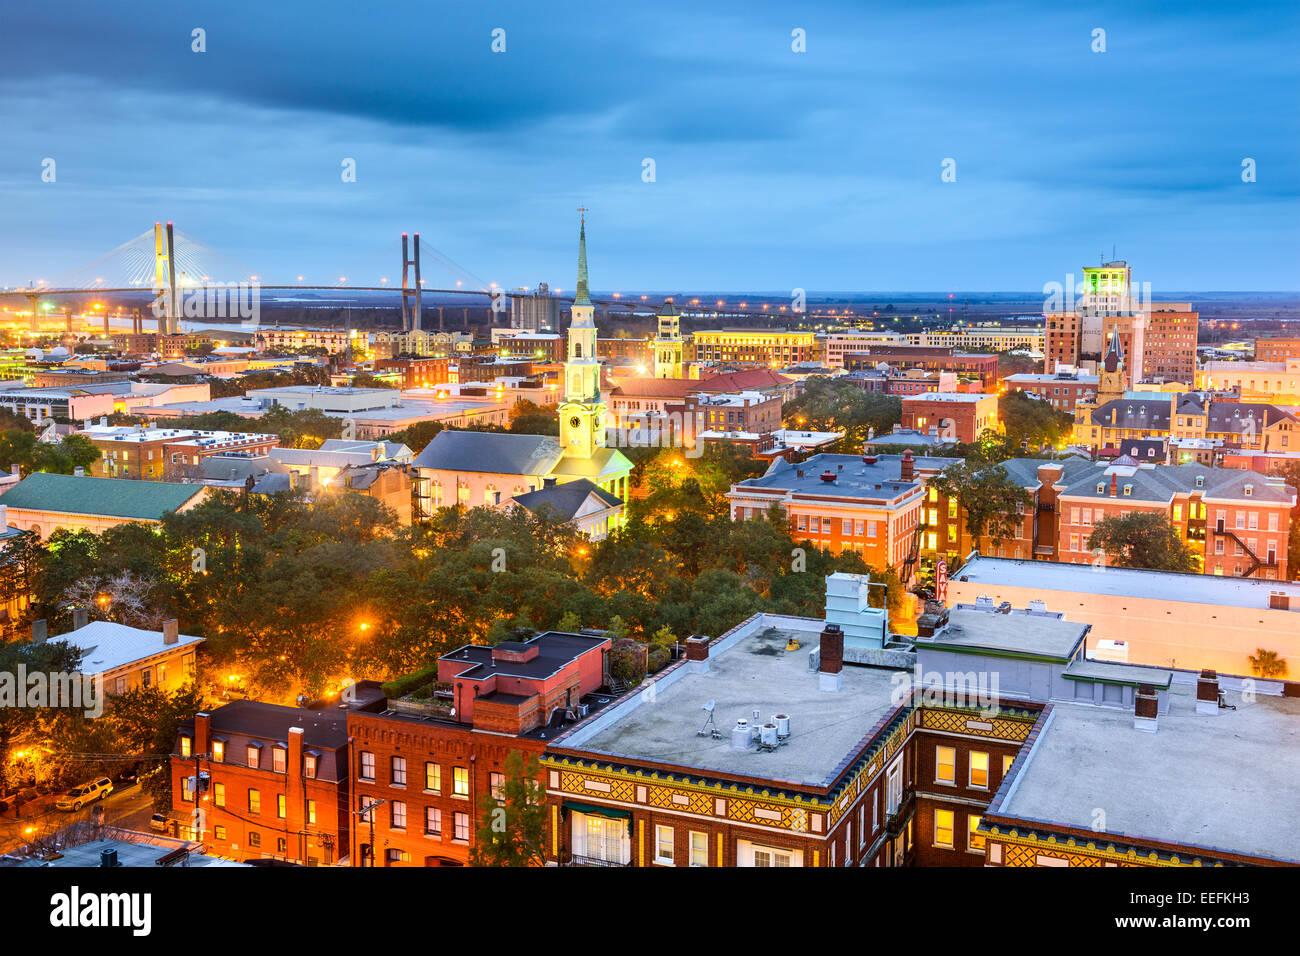 Savannah, Georgia, USA downtown skyline at night. - Stock Image